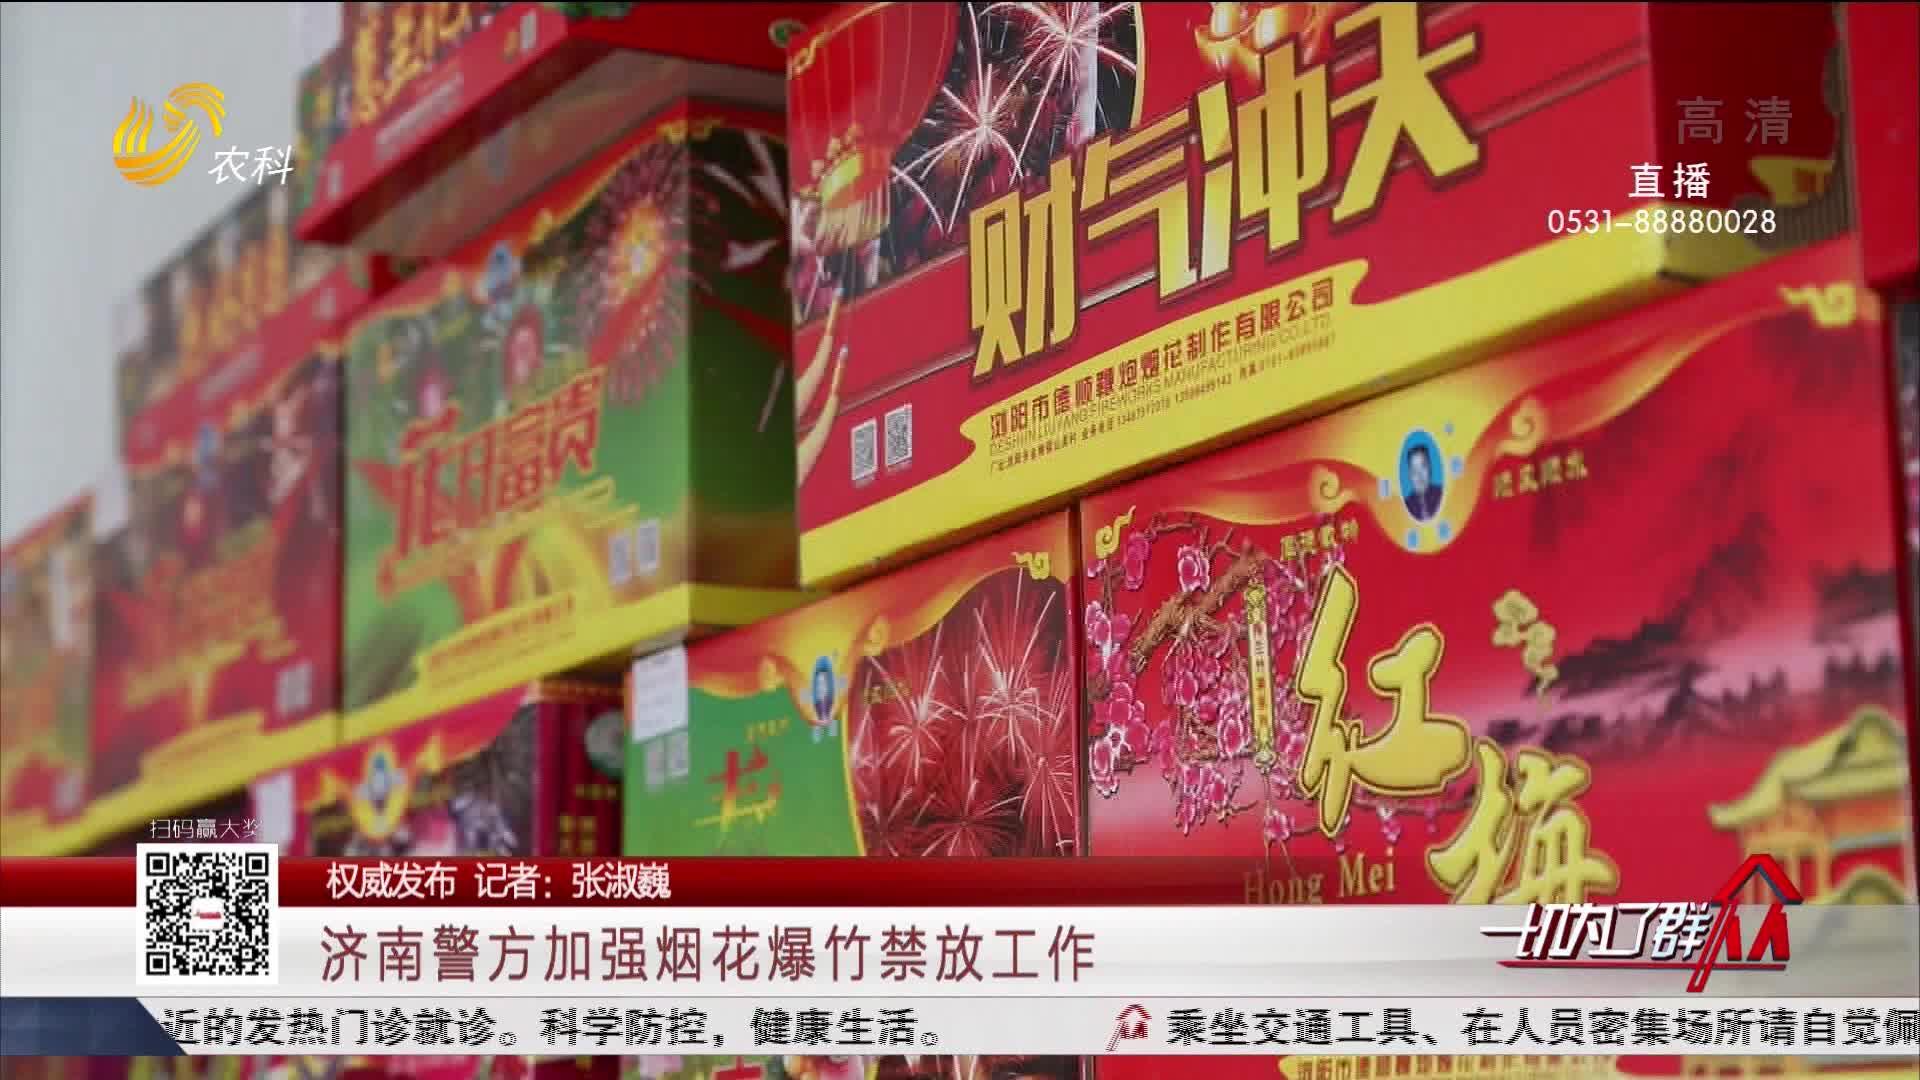 【权威发布】济南警方加强烟花爆竹禁放工作